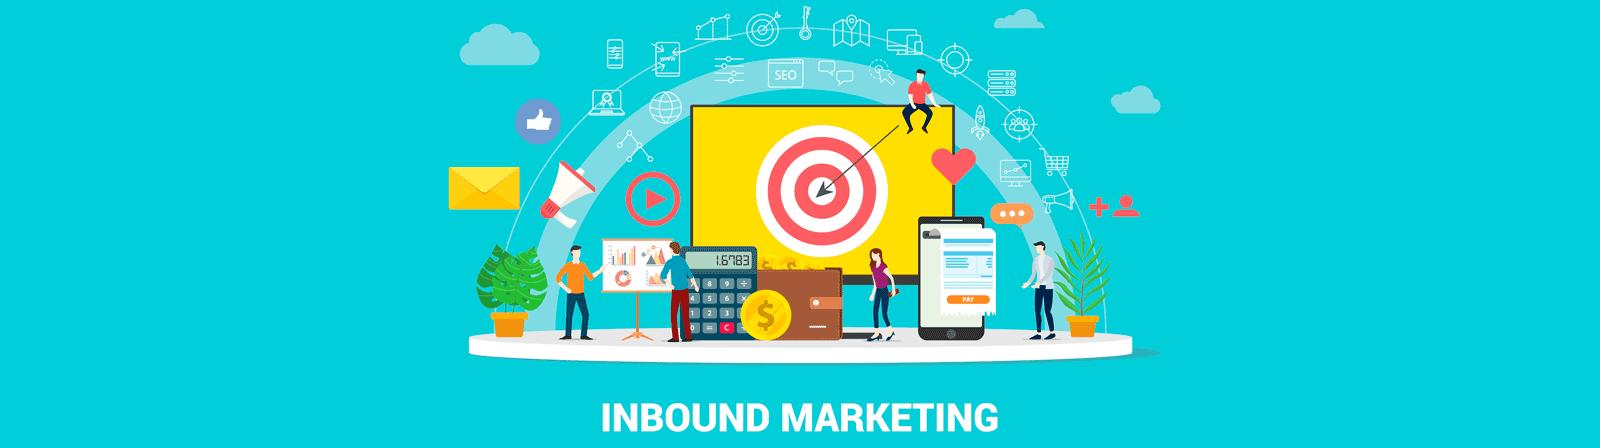 Ganar dinero por internet con Inbound marketing